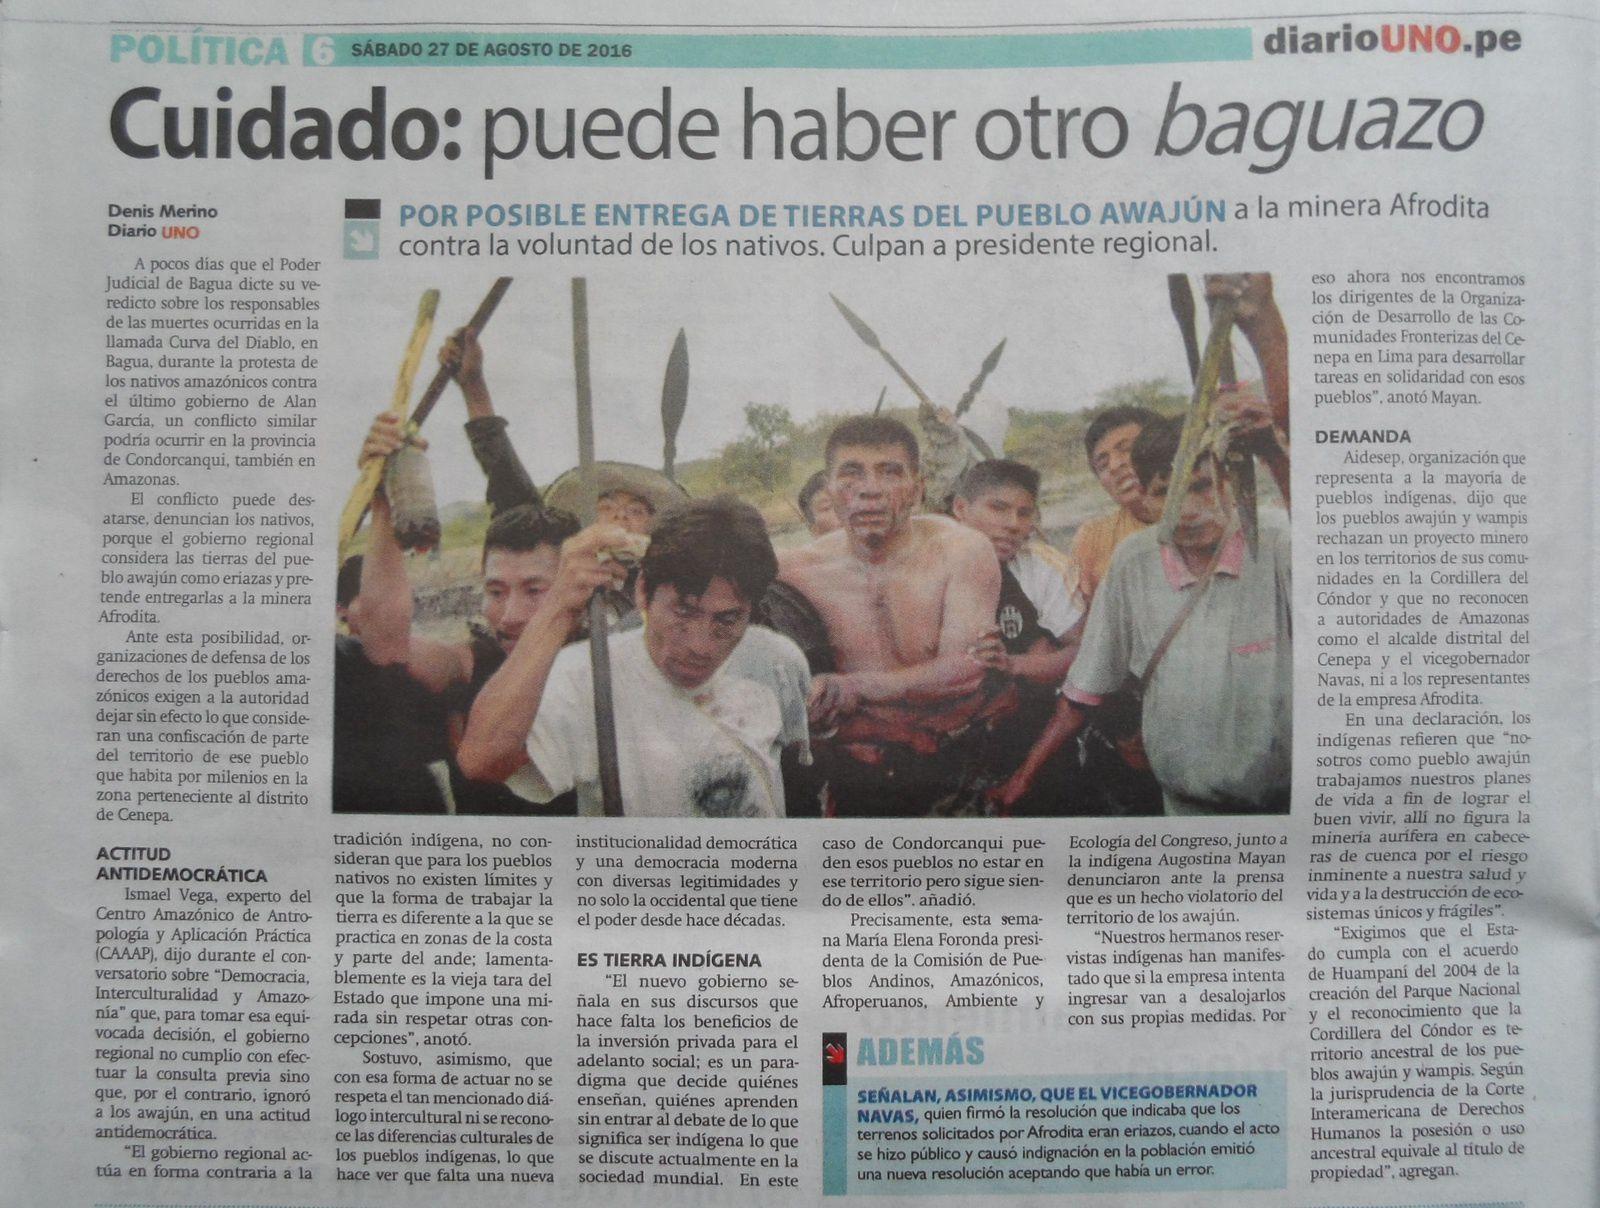 """Huit ans après le massacre de Bagua sous la présidence d'Alan Garcia, le gouvernement régional d'Amazonas au Pérou veut livrer le territoire des Indiens Awajún à la mine Afrodita avec le motif que ce sont  des """"friches"""".Article extrait de la presse péruvienne, 27 août 2016."""